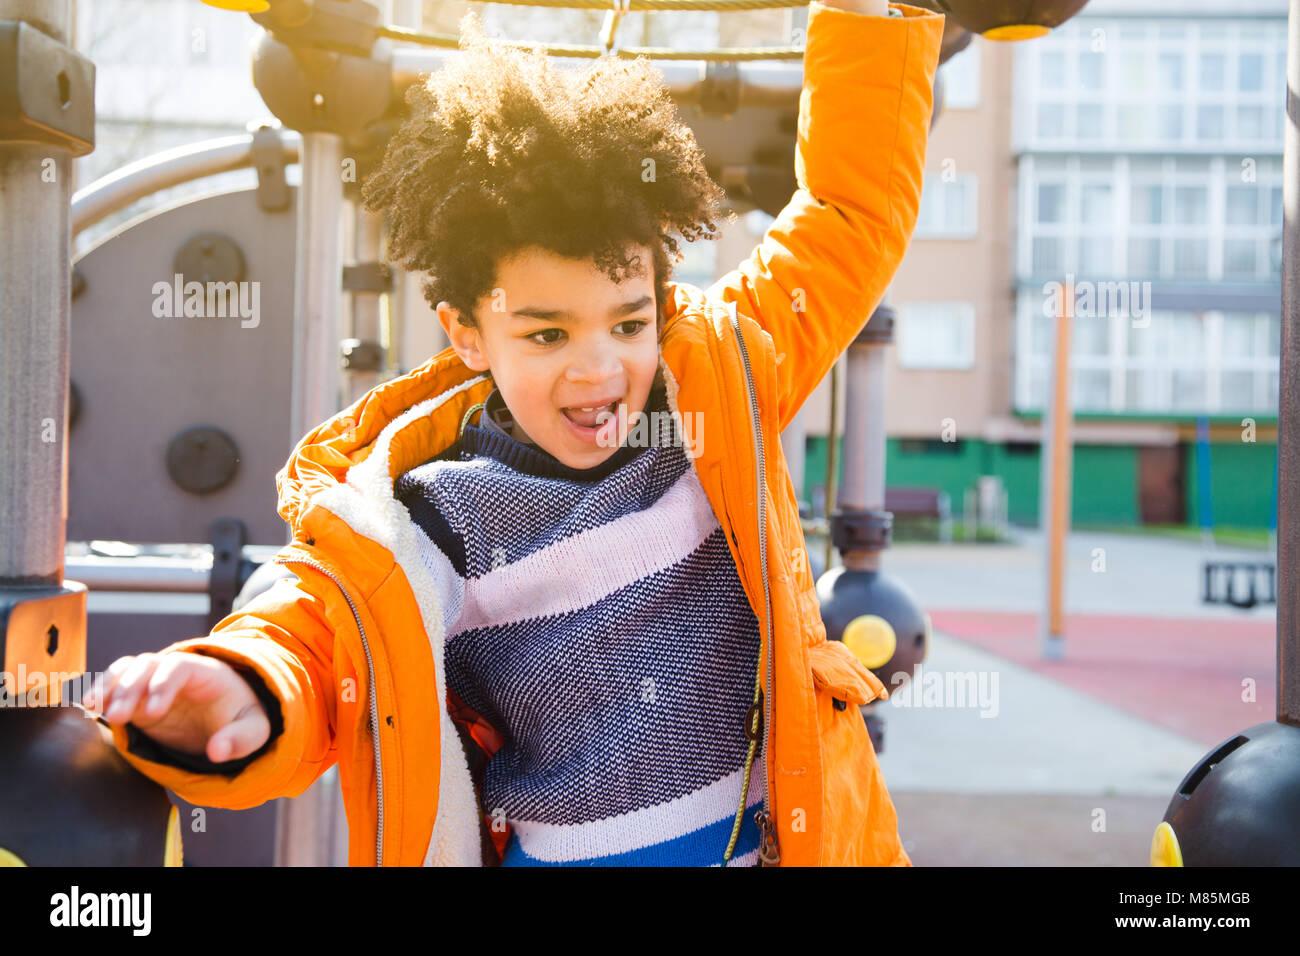 Glückliches Kind in orange Mantel Klettern auf dem Spielplatz an einem sonnigen Tag Stockbild